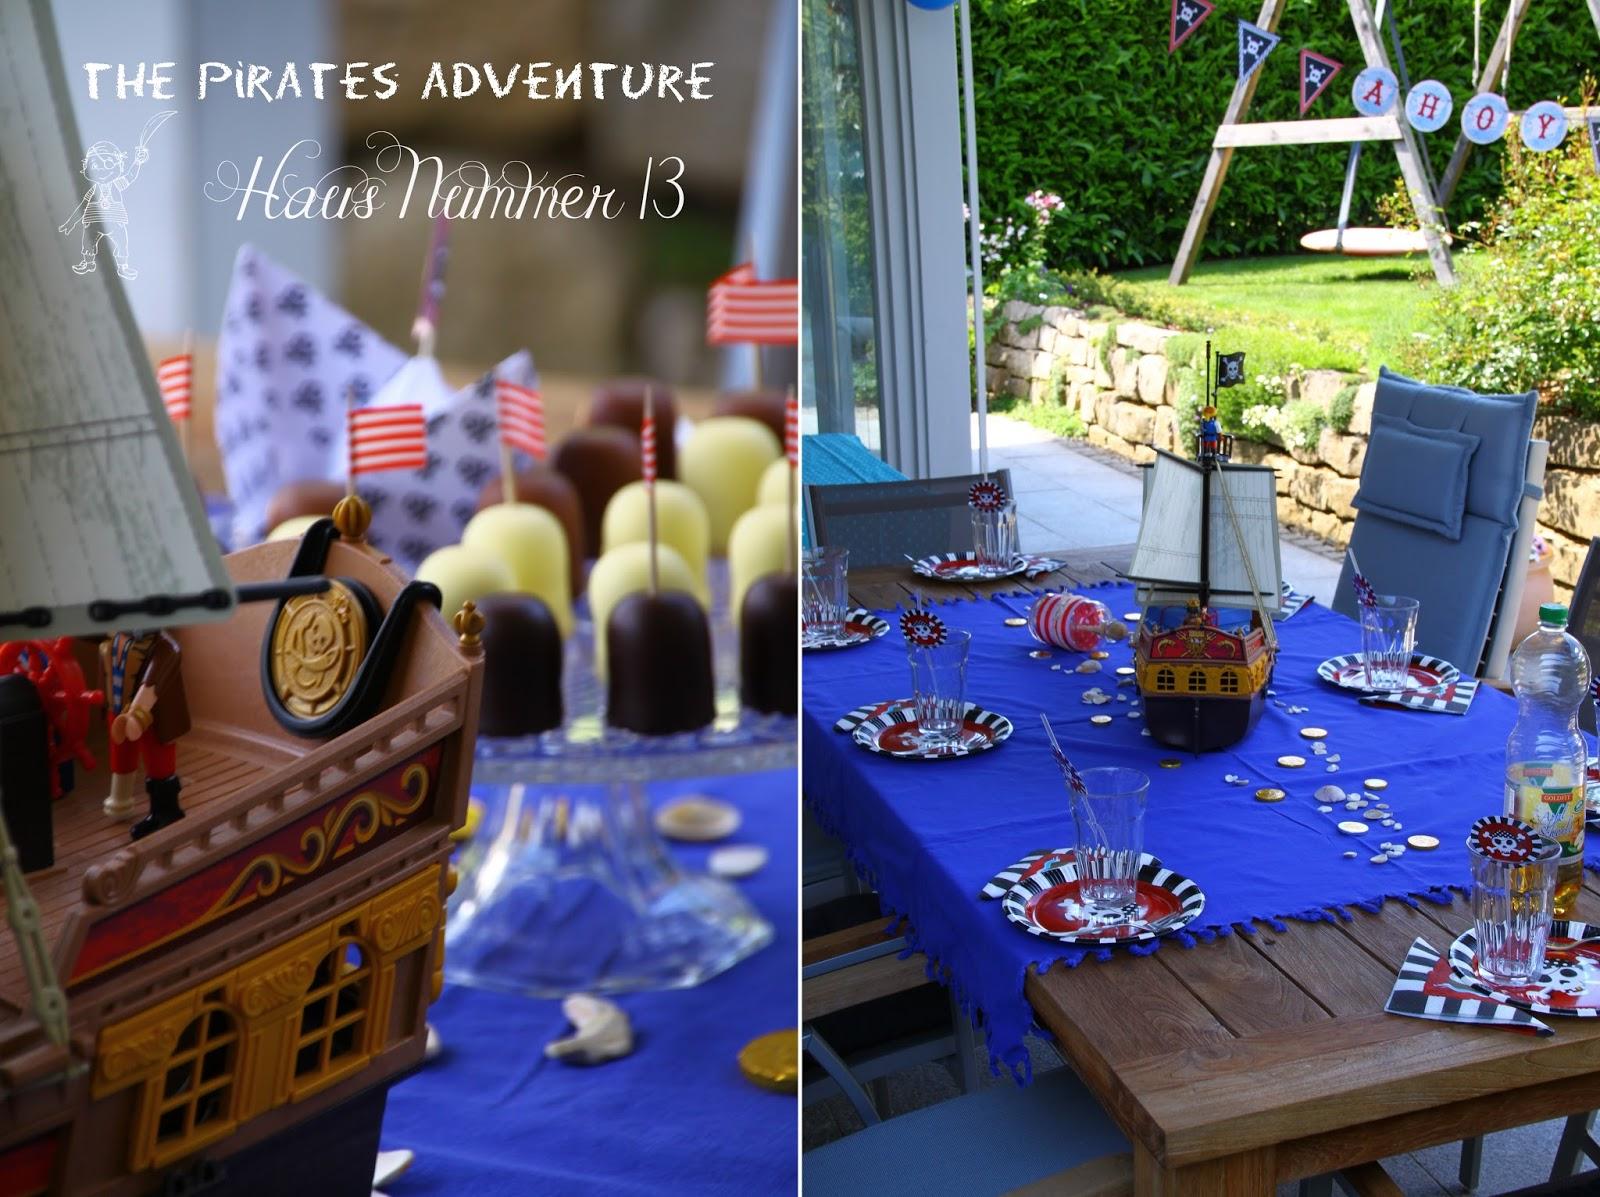 Piratenparty oder der 6. Geburtstag - Haus Nummer 13